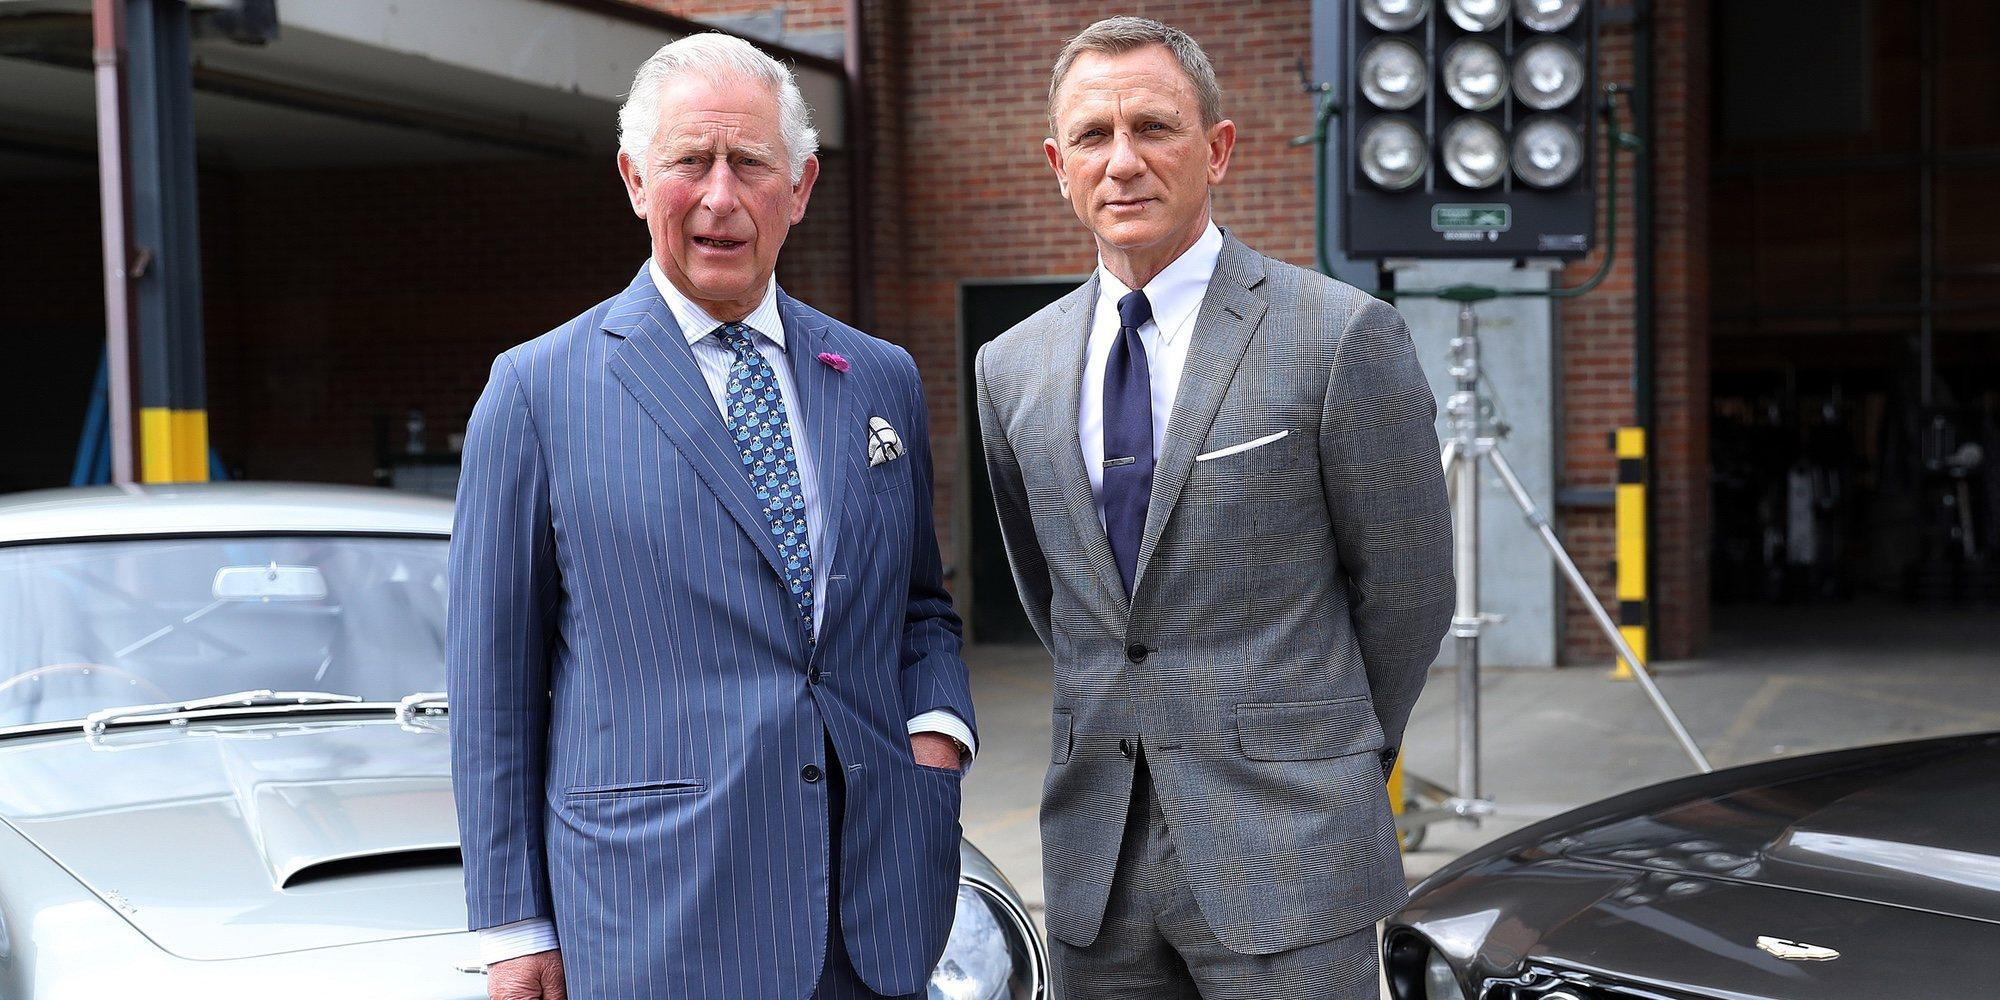 El Príncipe Carlos y Daniel Craig, cara a cara en el set de rodaje de 'James Bond'